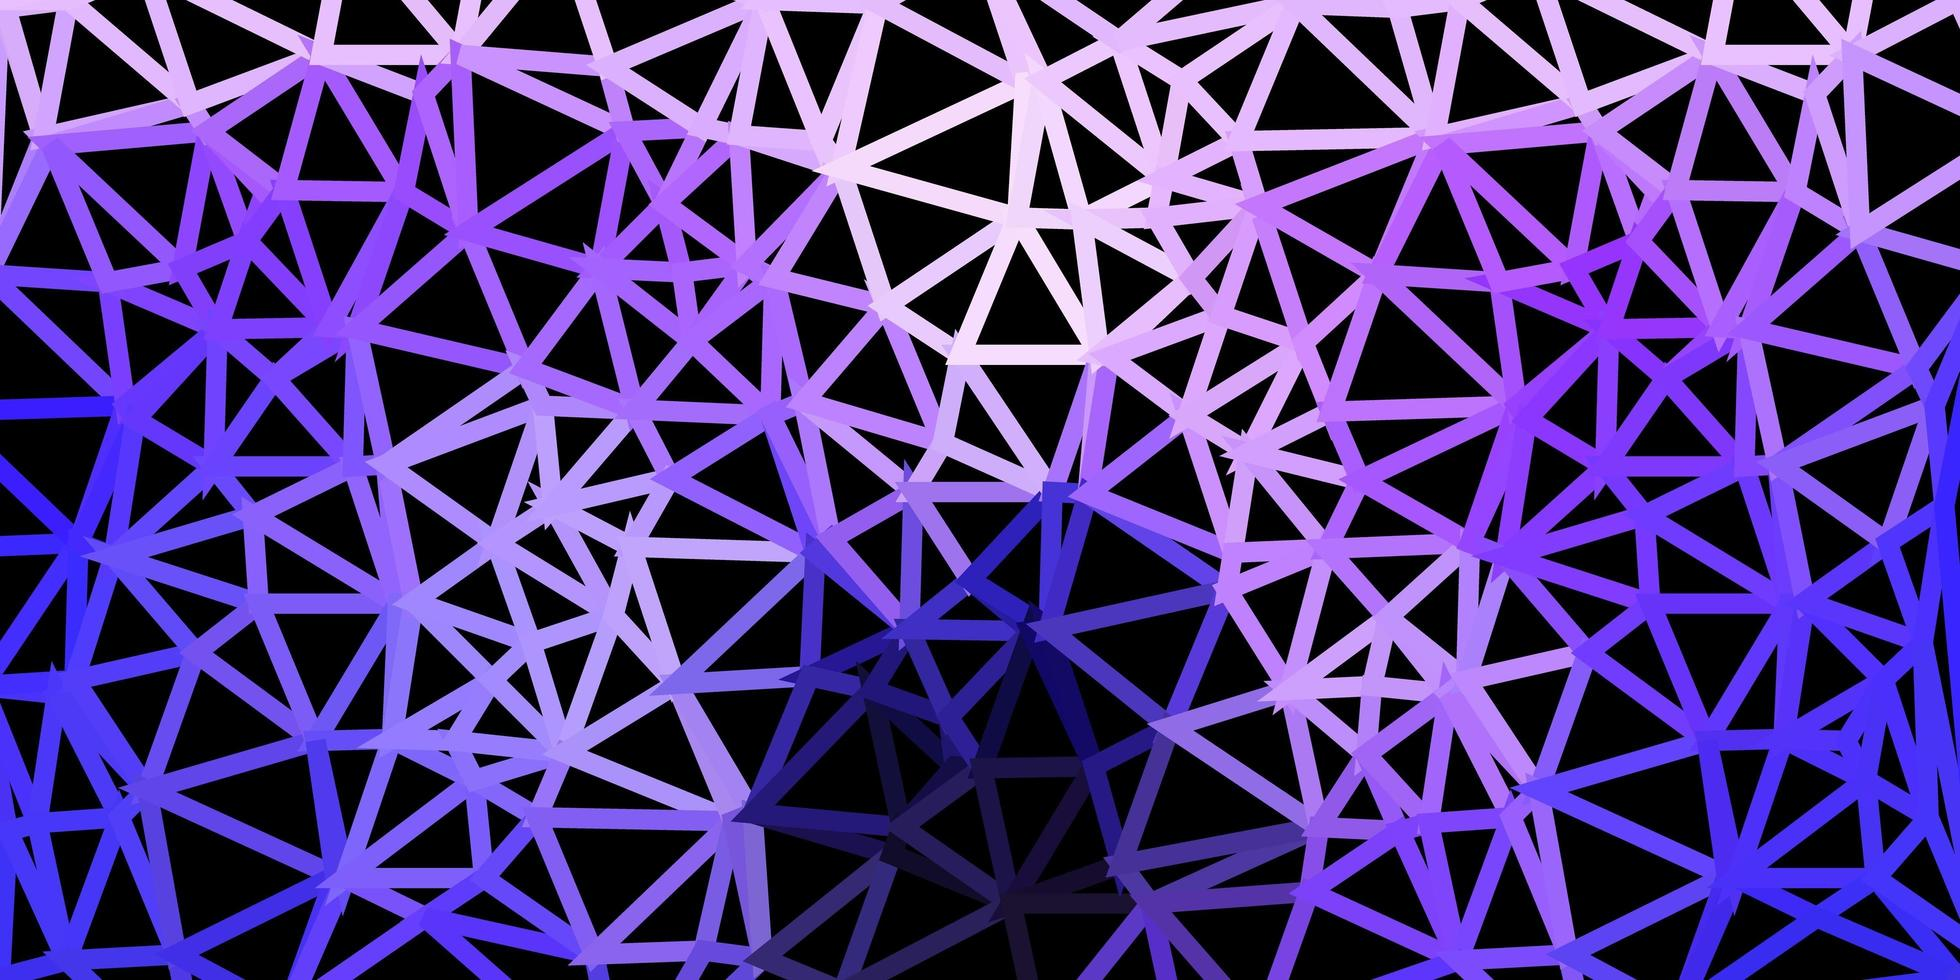 sfondo poligonale vettoriale viola chiaro.